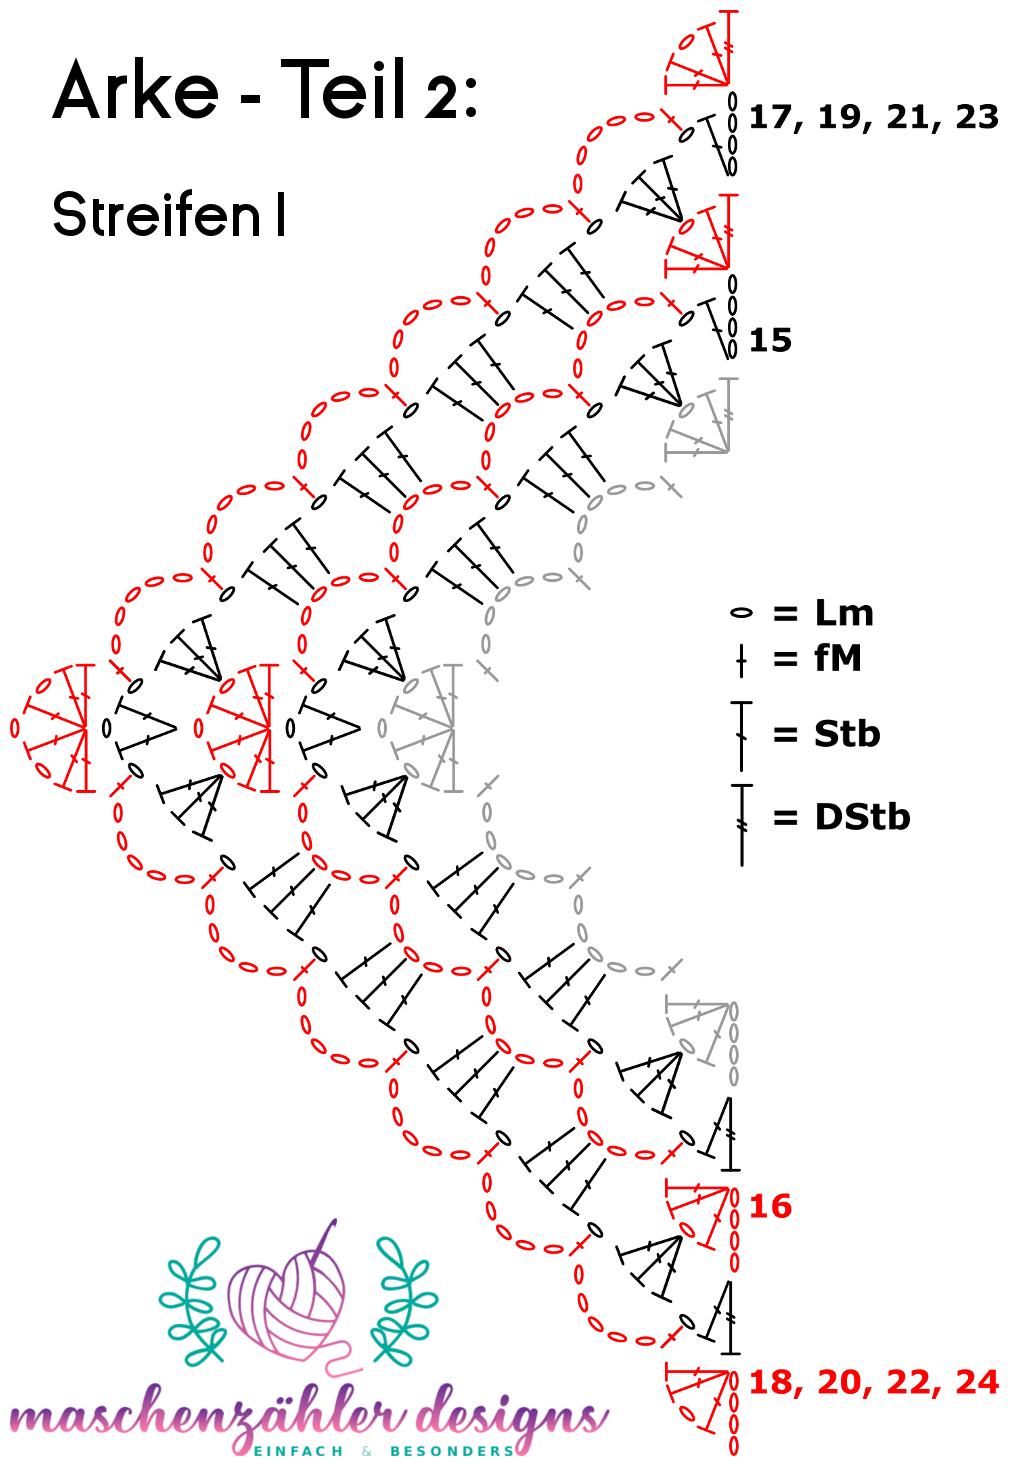 Photo of Häkelschrift für den dreieckigen Arke-Schal – Teil 2: Streifen I.